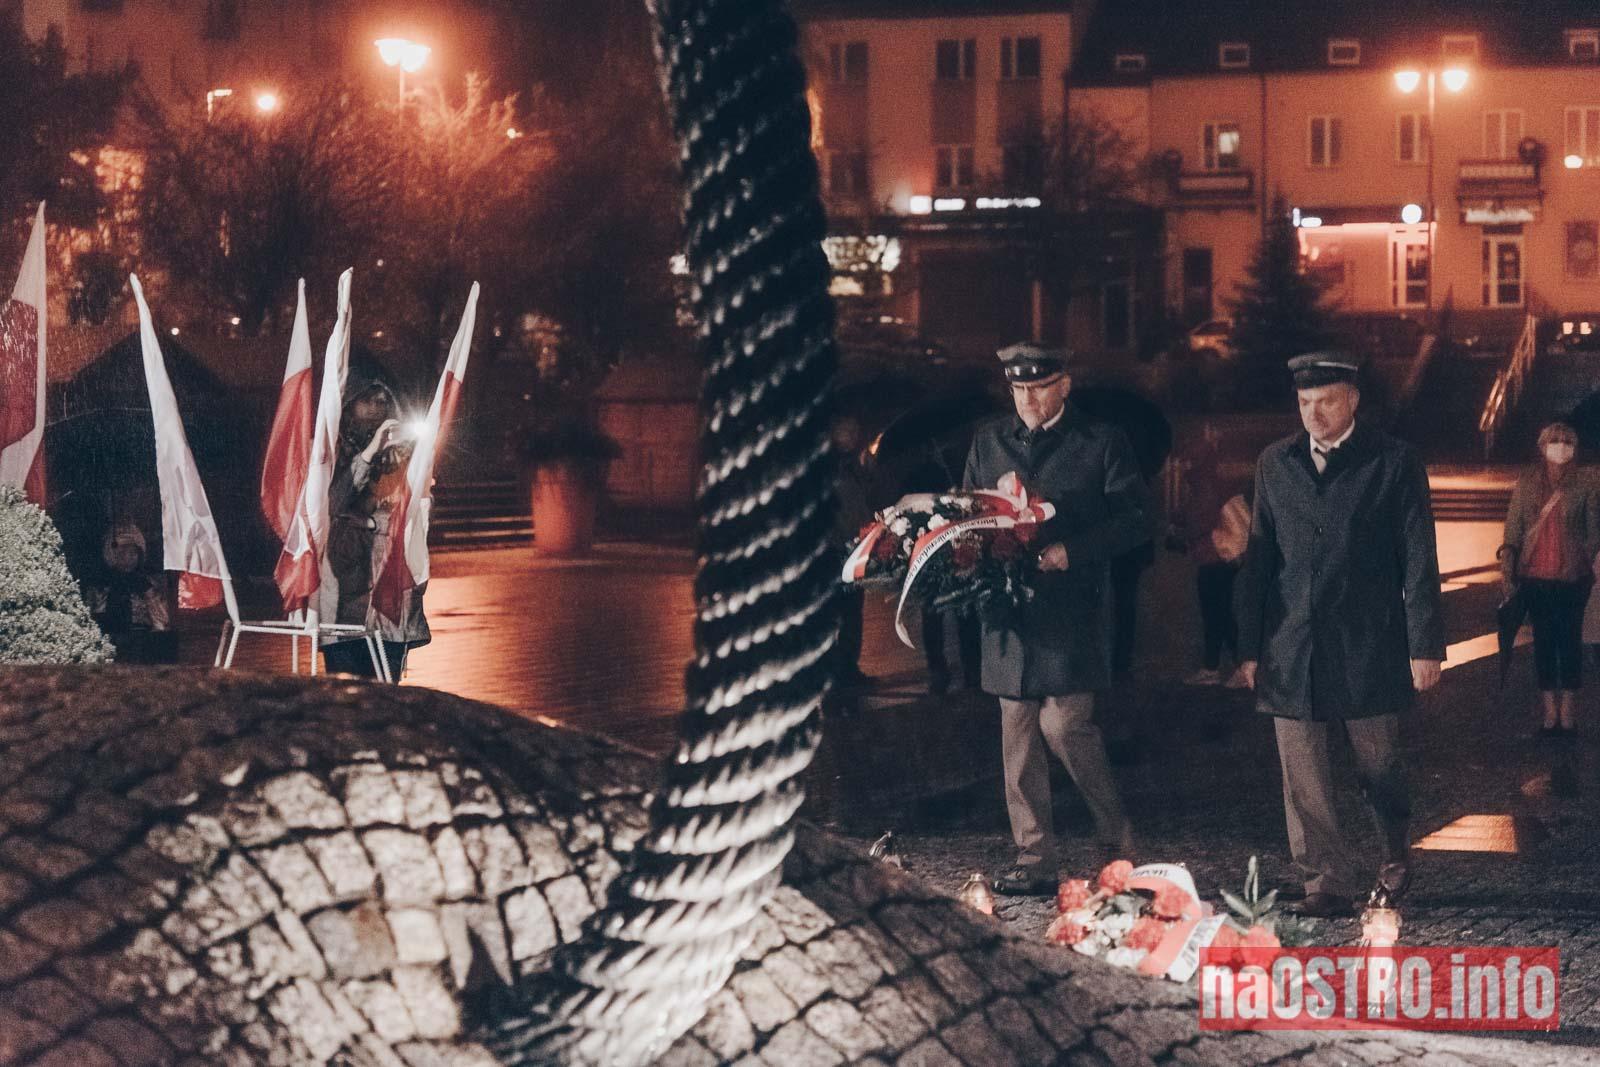 NaOSTRO.info 78 rocznica egzekucji-14